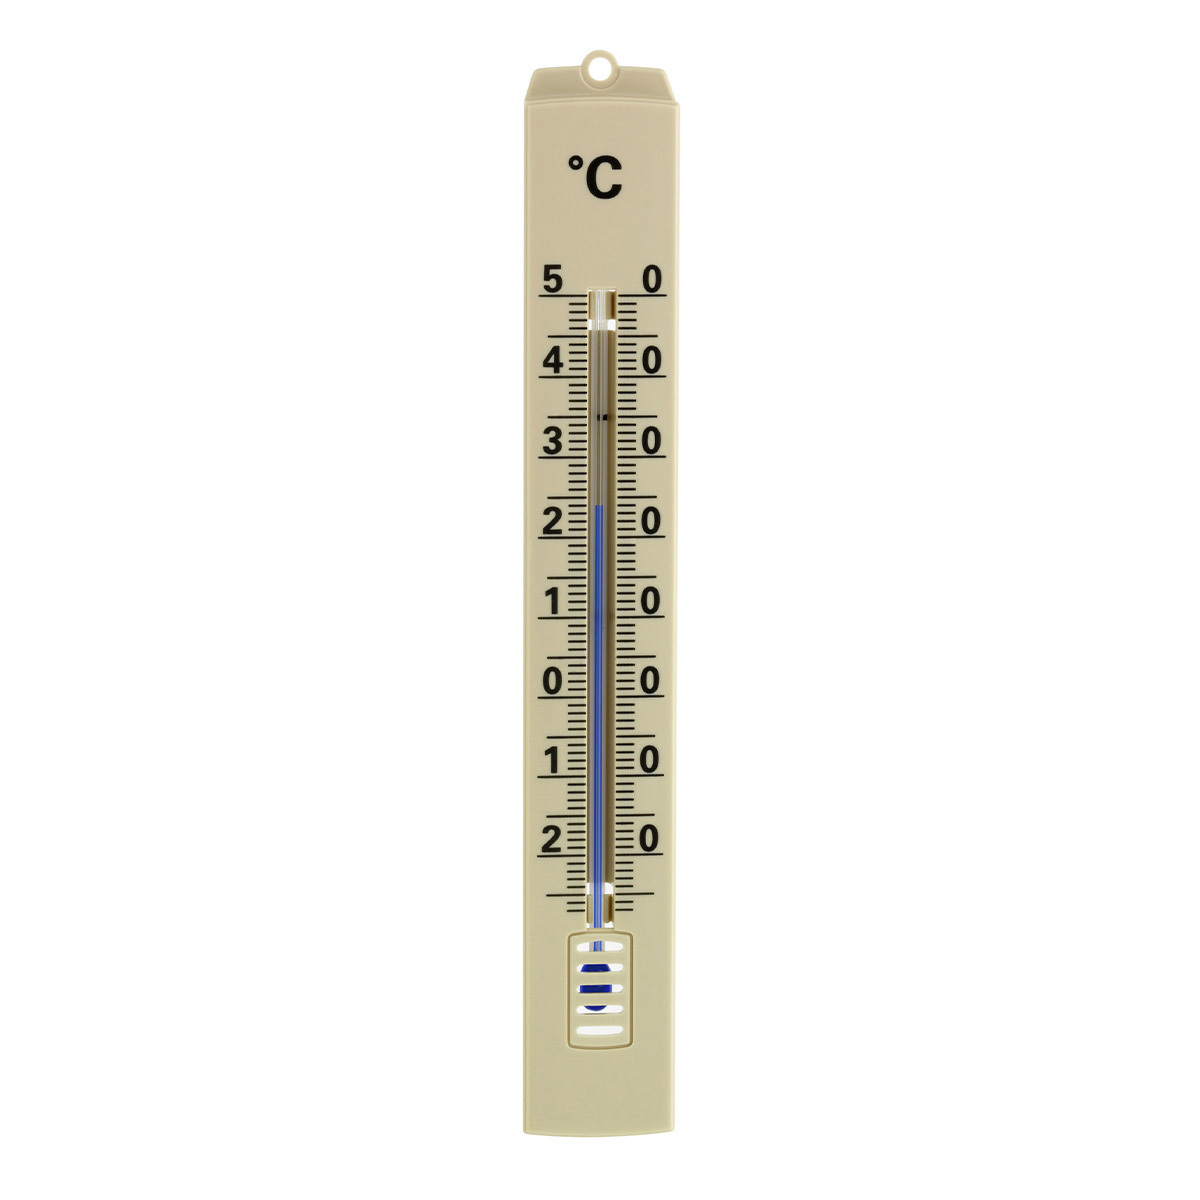 12-3008-08-analoges-innen-aussen-thermometer-1200x1200px.jpg